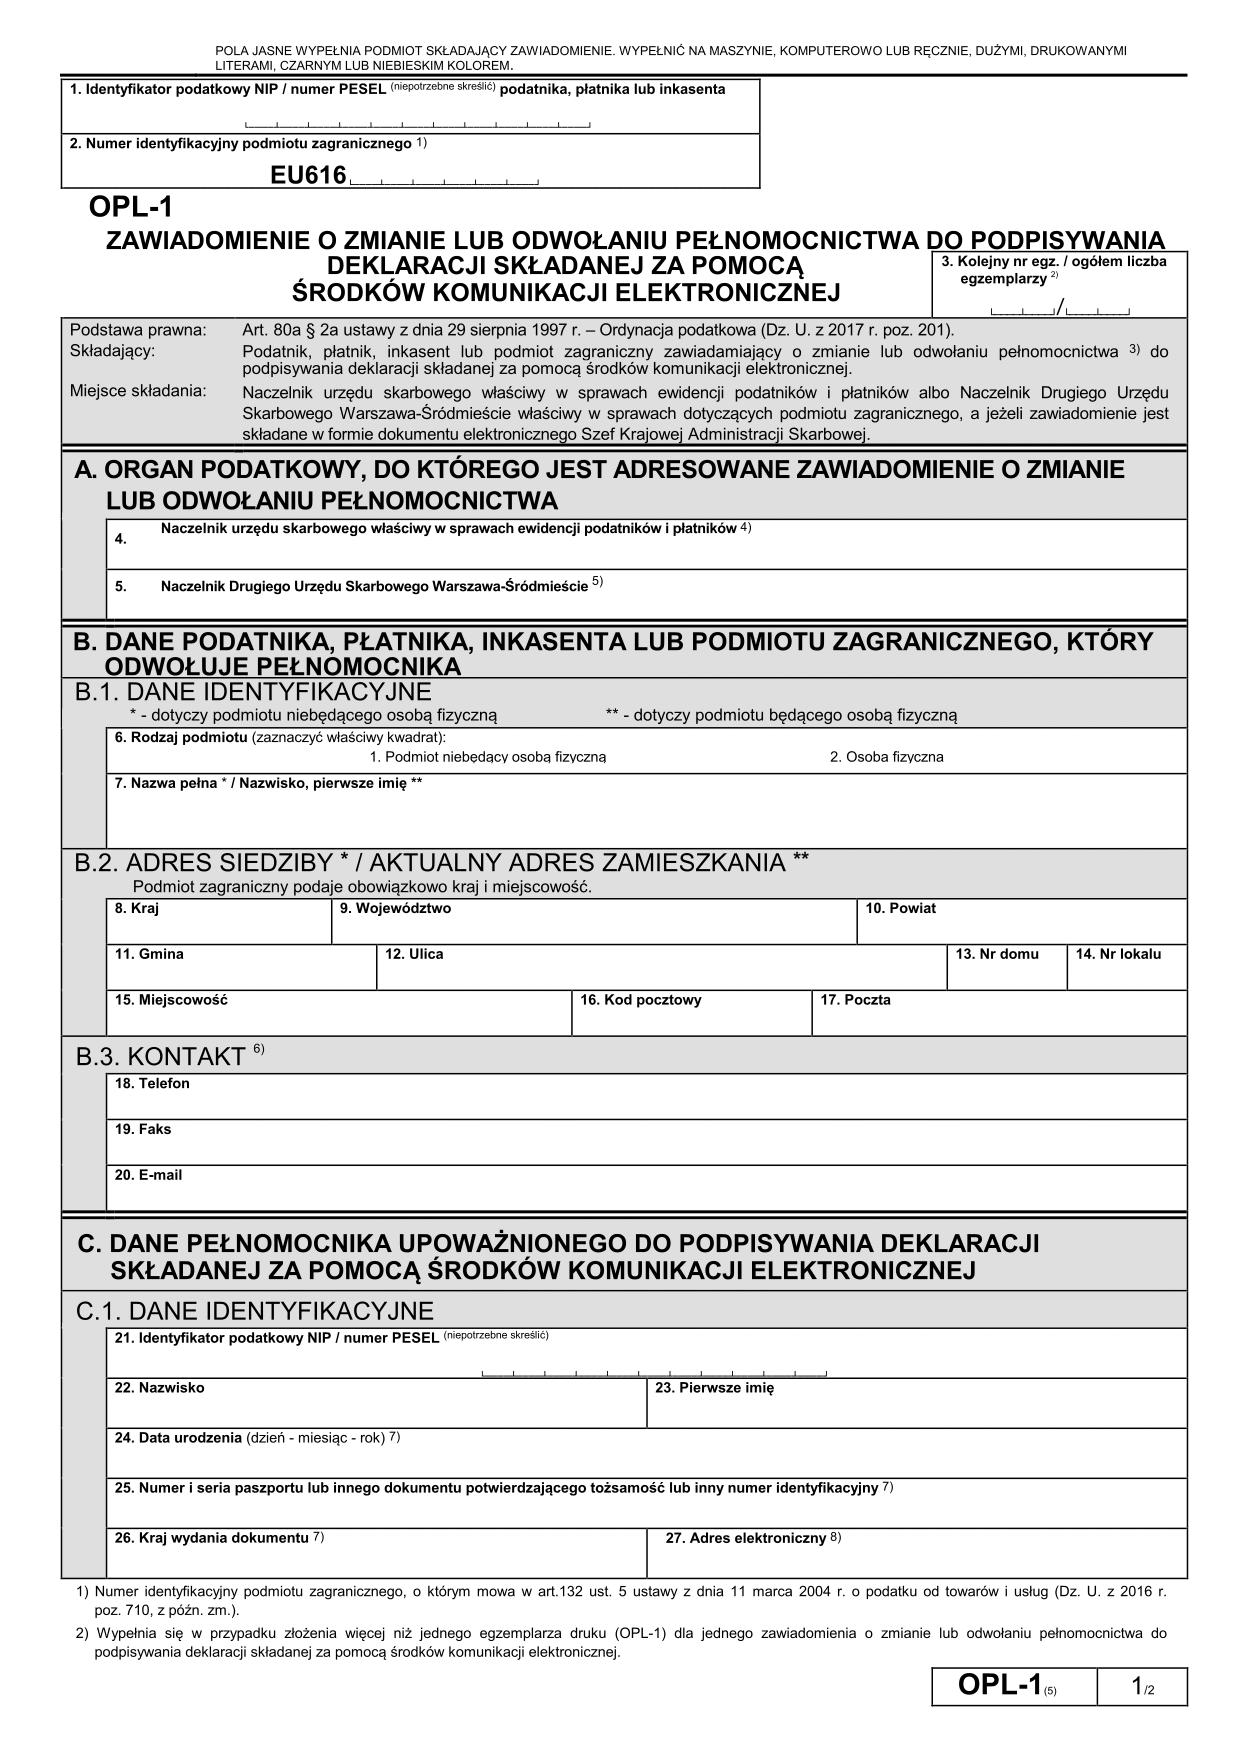 OPL-1 (5) (od III 2017) Zawiadomienie o odwołaniu pełnomocnictwa do podpisywania deklaracji składanej za pomocą środków komunikacji elektronicznej